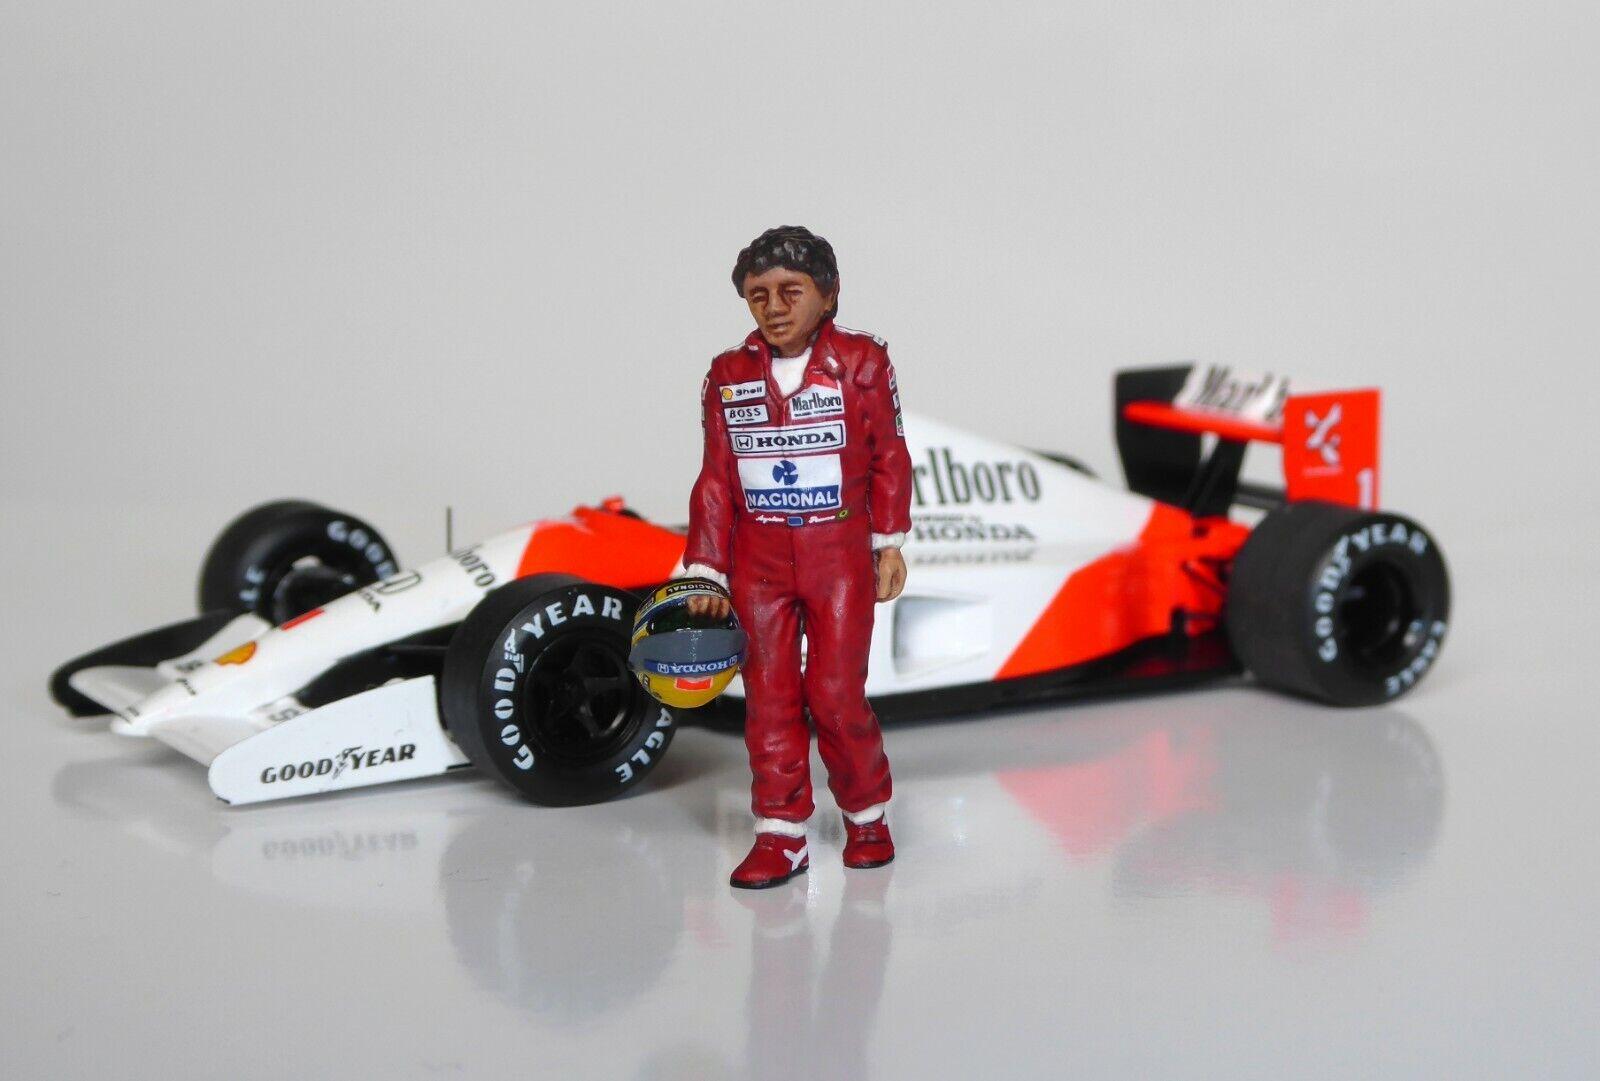 1 43  Ayrton Senna McLaren Honda figurine figure en marchant 1988 1990 1991 1992 1993  marques de créateurs bon marché